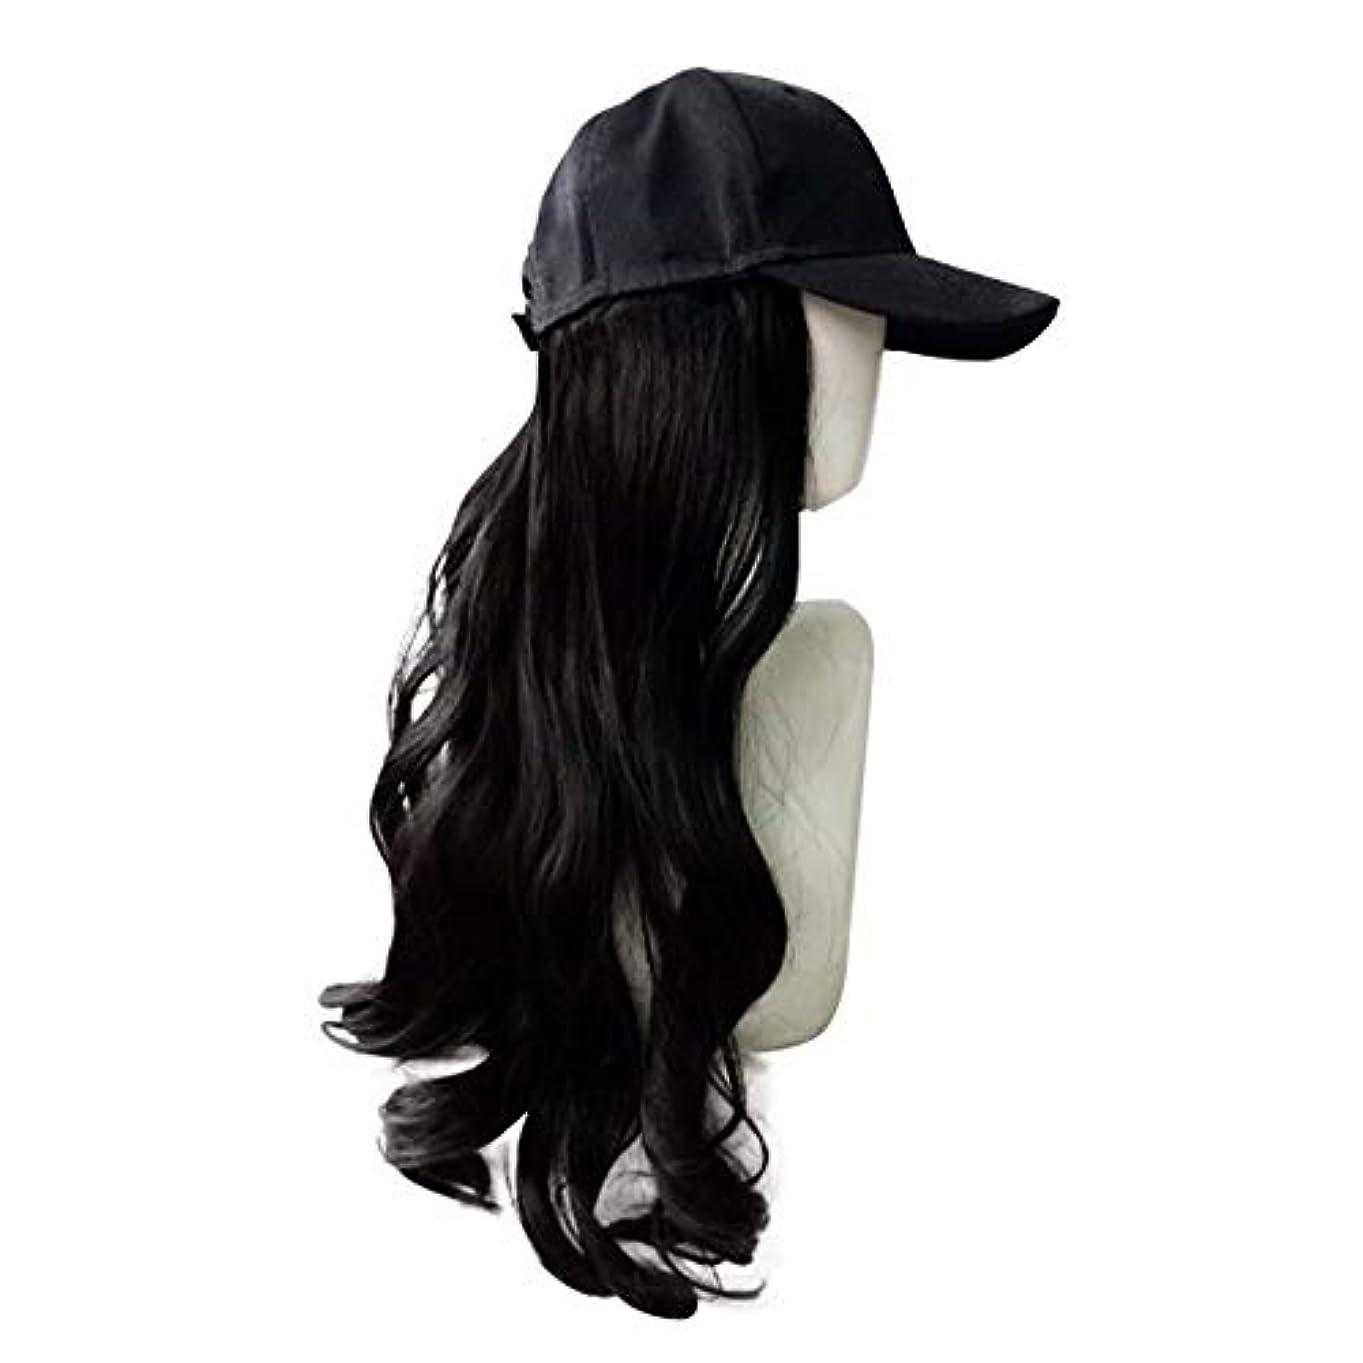 ベックスヒゲ絶縁する長い黒のかつら、帽子かつらシンプルなかつらファッションかつらキャップ自然なかつら女性の耐熱性のための長い波状の合成かつら